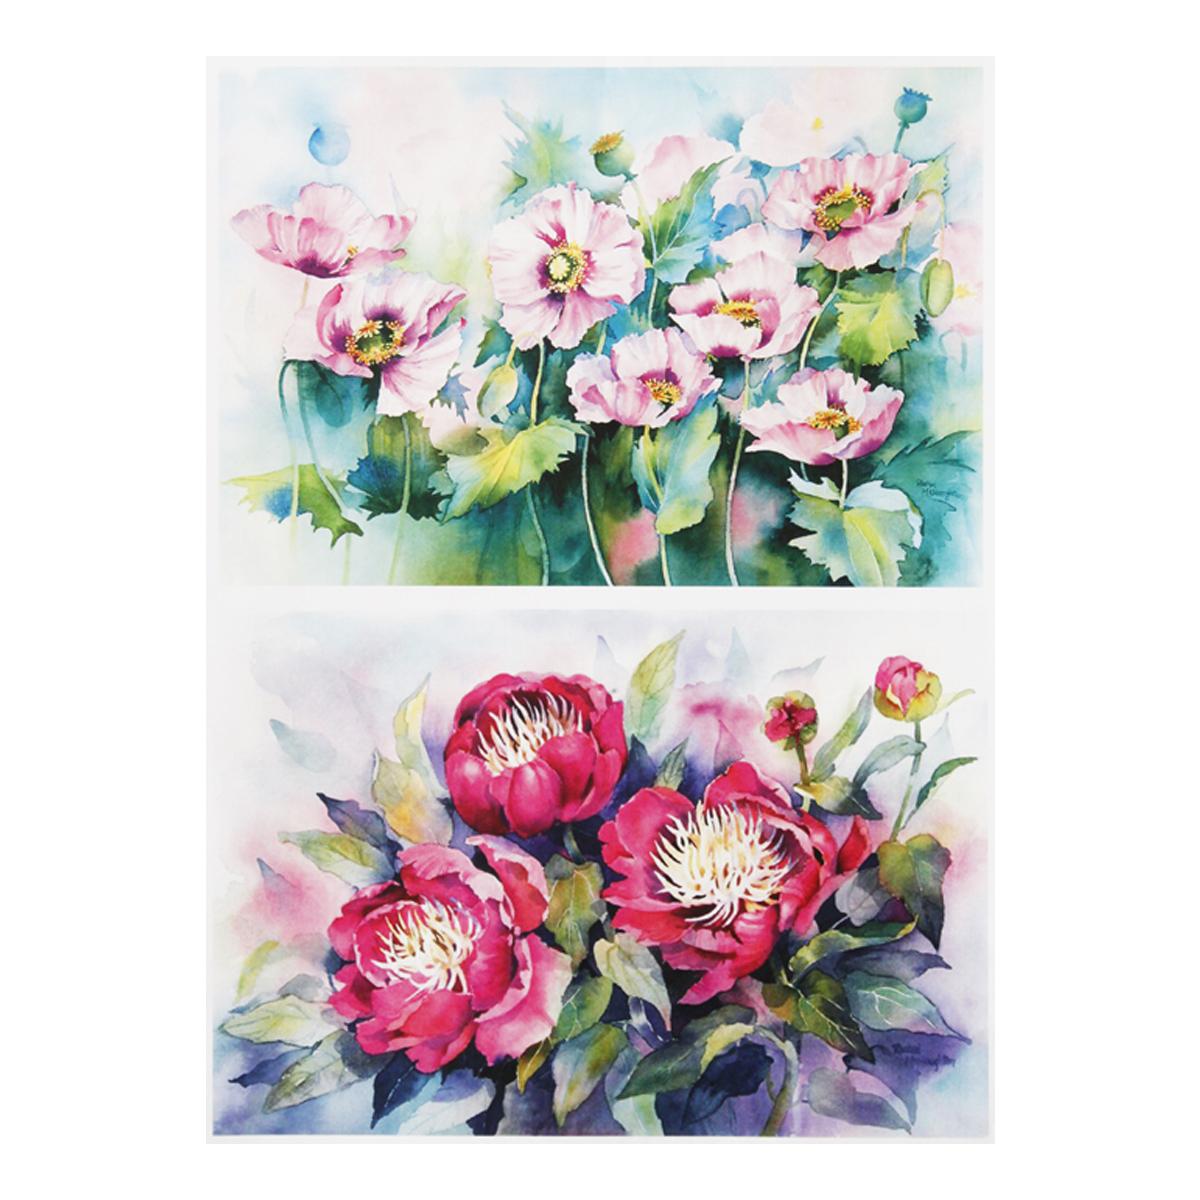 Декупажная карта Freedecor Розовые цветы, А3, 80 гр./м.кв. Dk 182680073_182розовыецветыДекупажные карты Фридекор отличаются оригинальными, стильными дизайнами и прекрасным качеством. Печать декупажных карт происходит на бумаге плотностью 80 гр/м2.